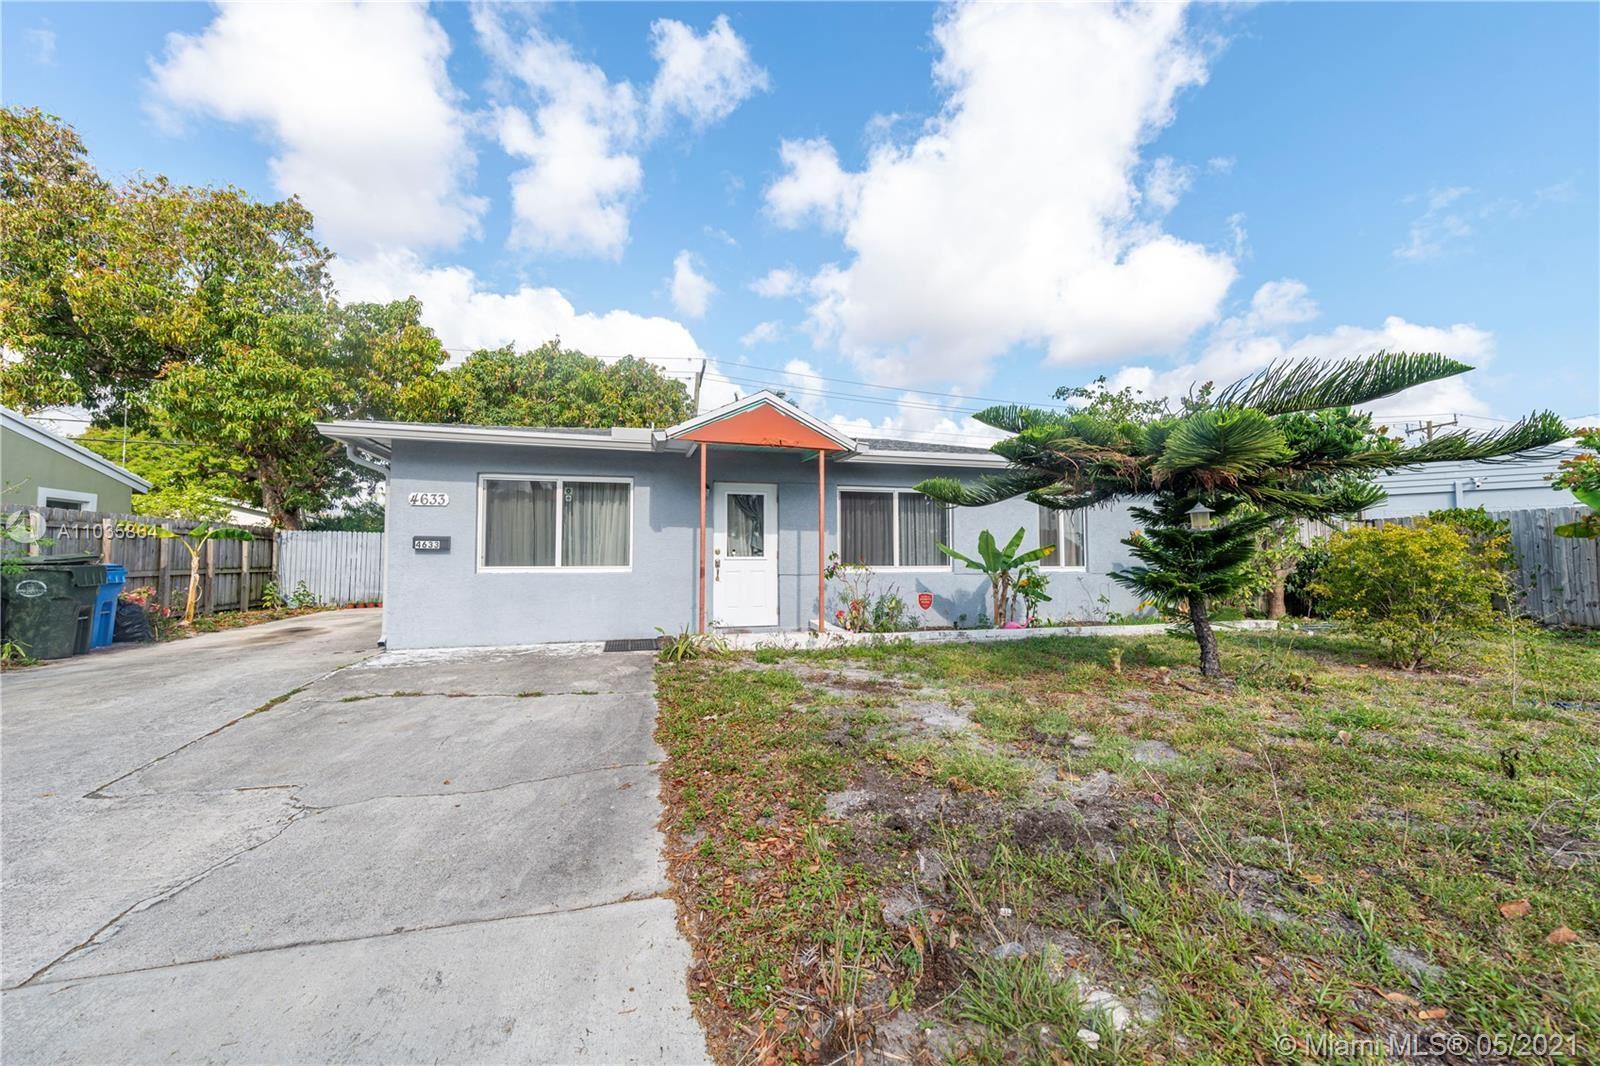 4633 N Andrews Ave, Oakland Park, FL 33309 - #: A11035864